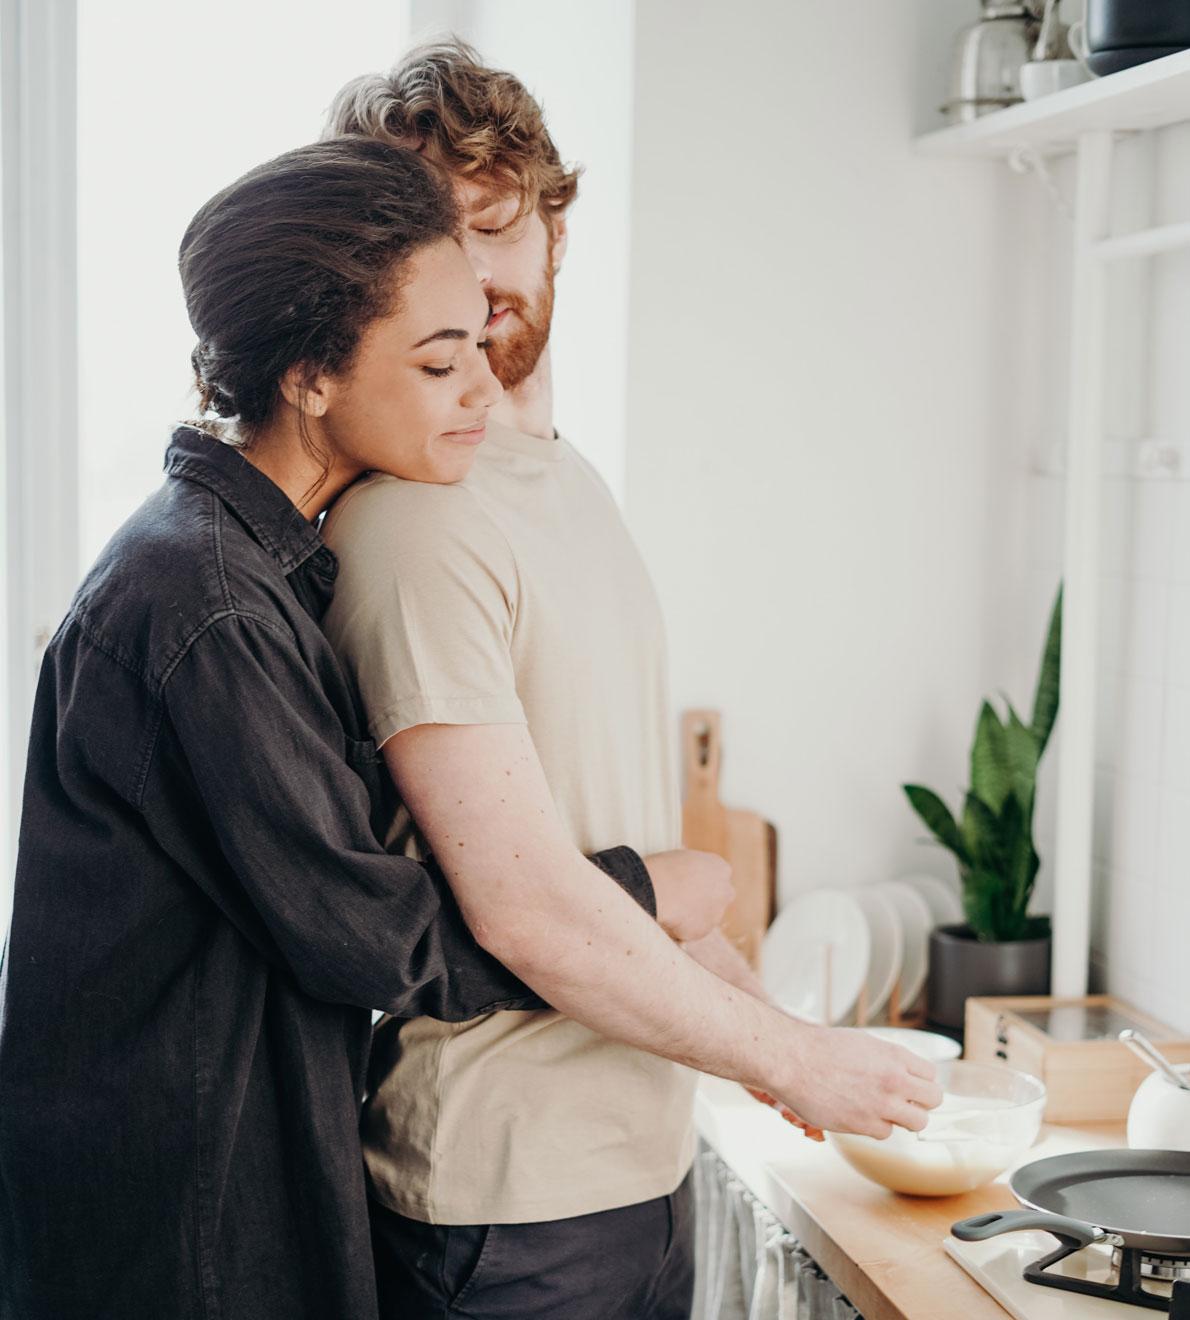 L'ipnosi relazionale. Ipnosi per il successo nelle relazioni.